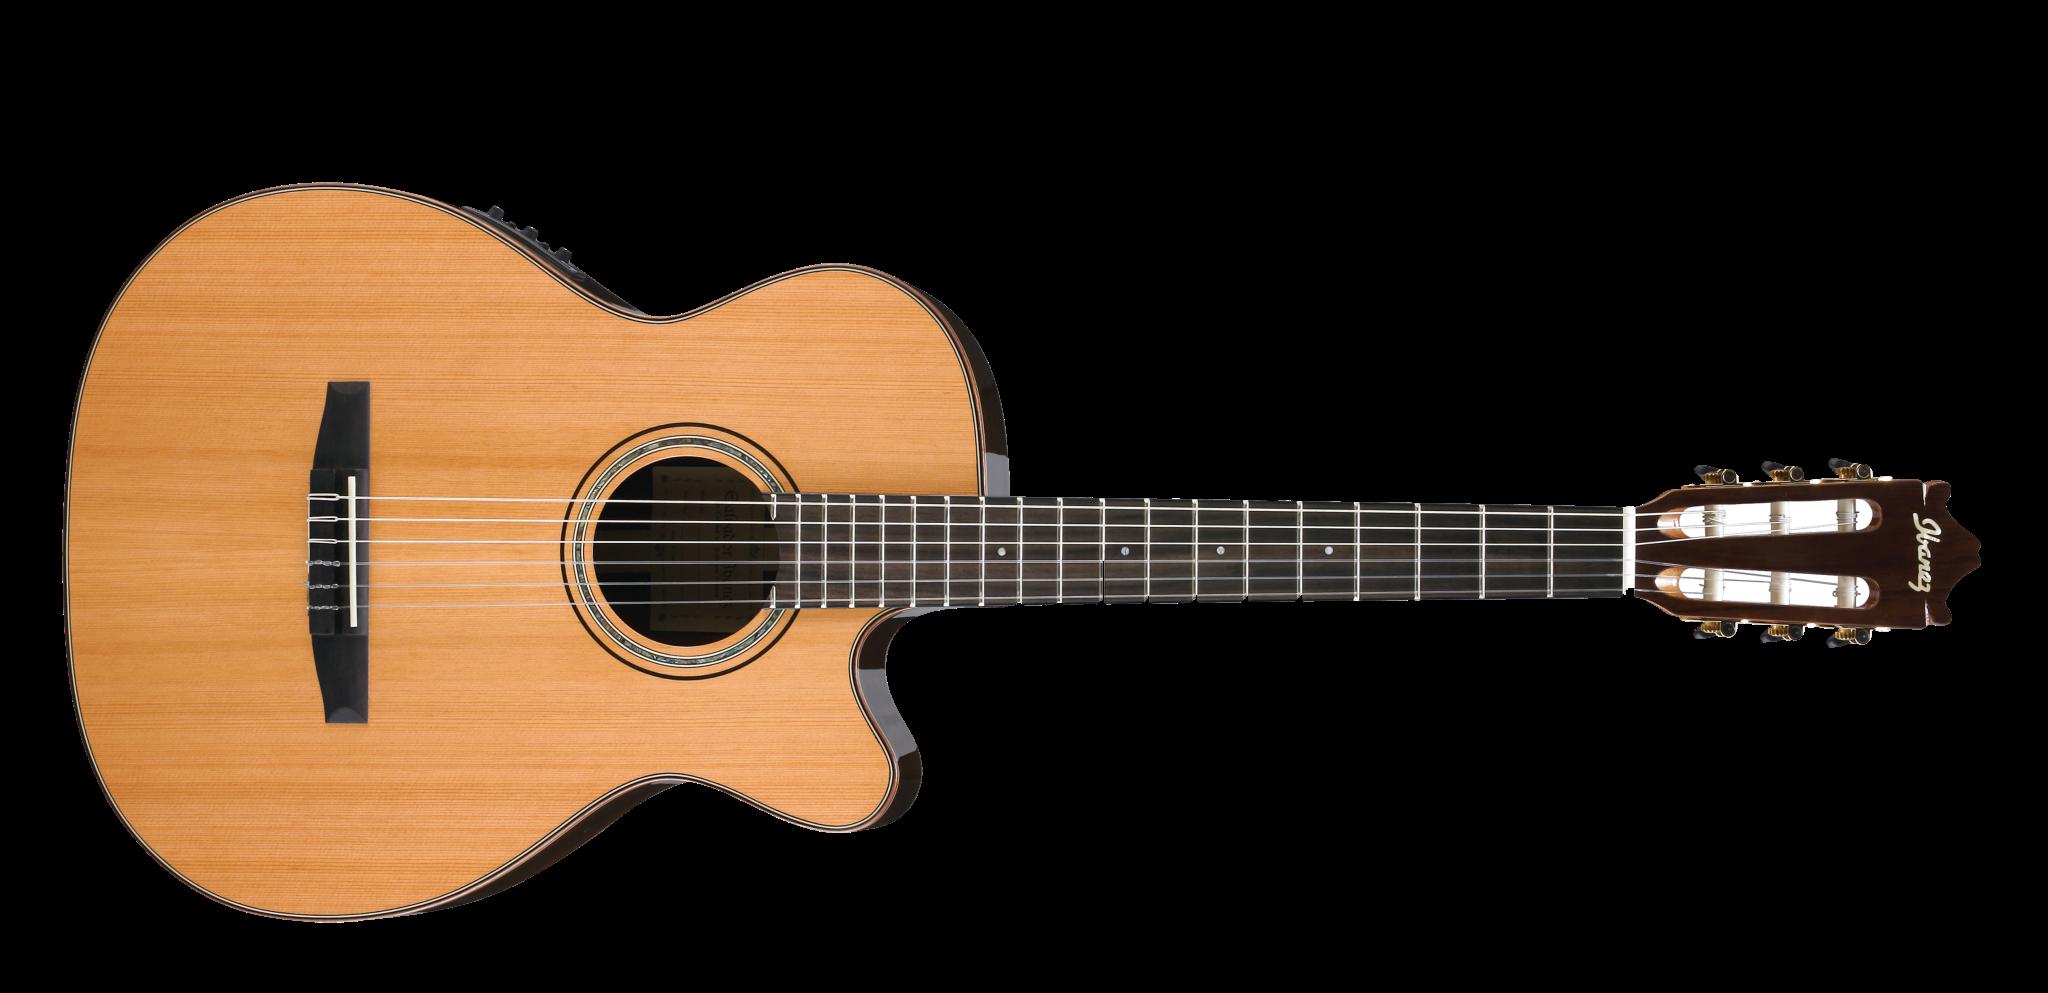 Guitar PNG image - Guitar PNG - Guitar HD PNG